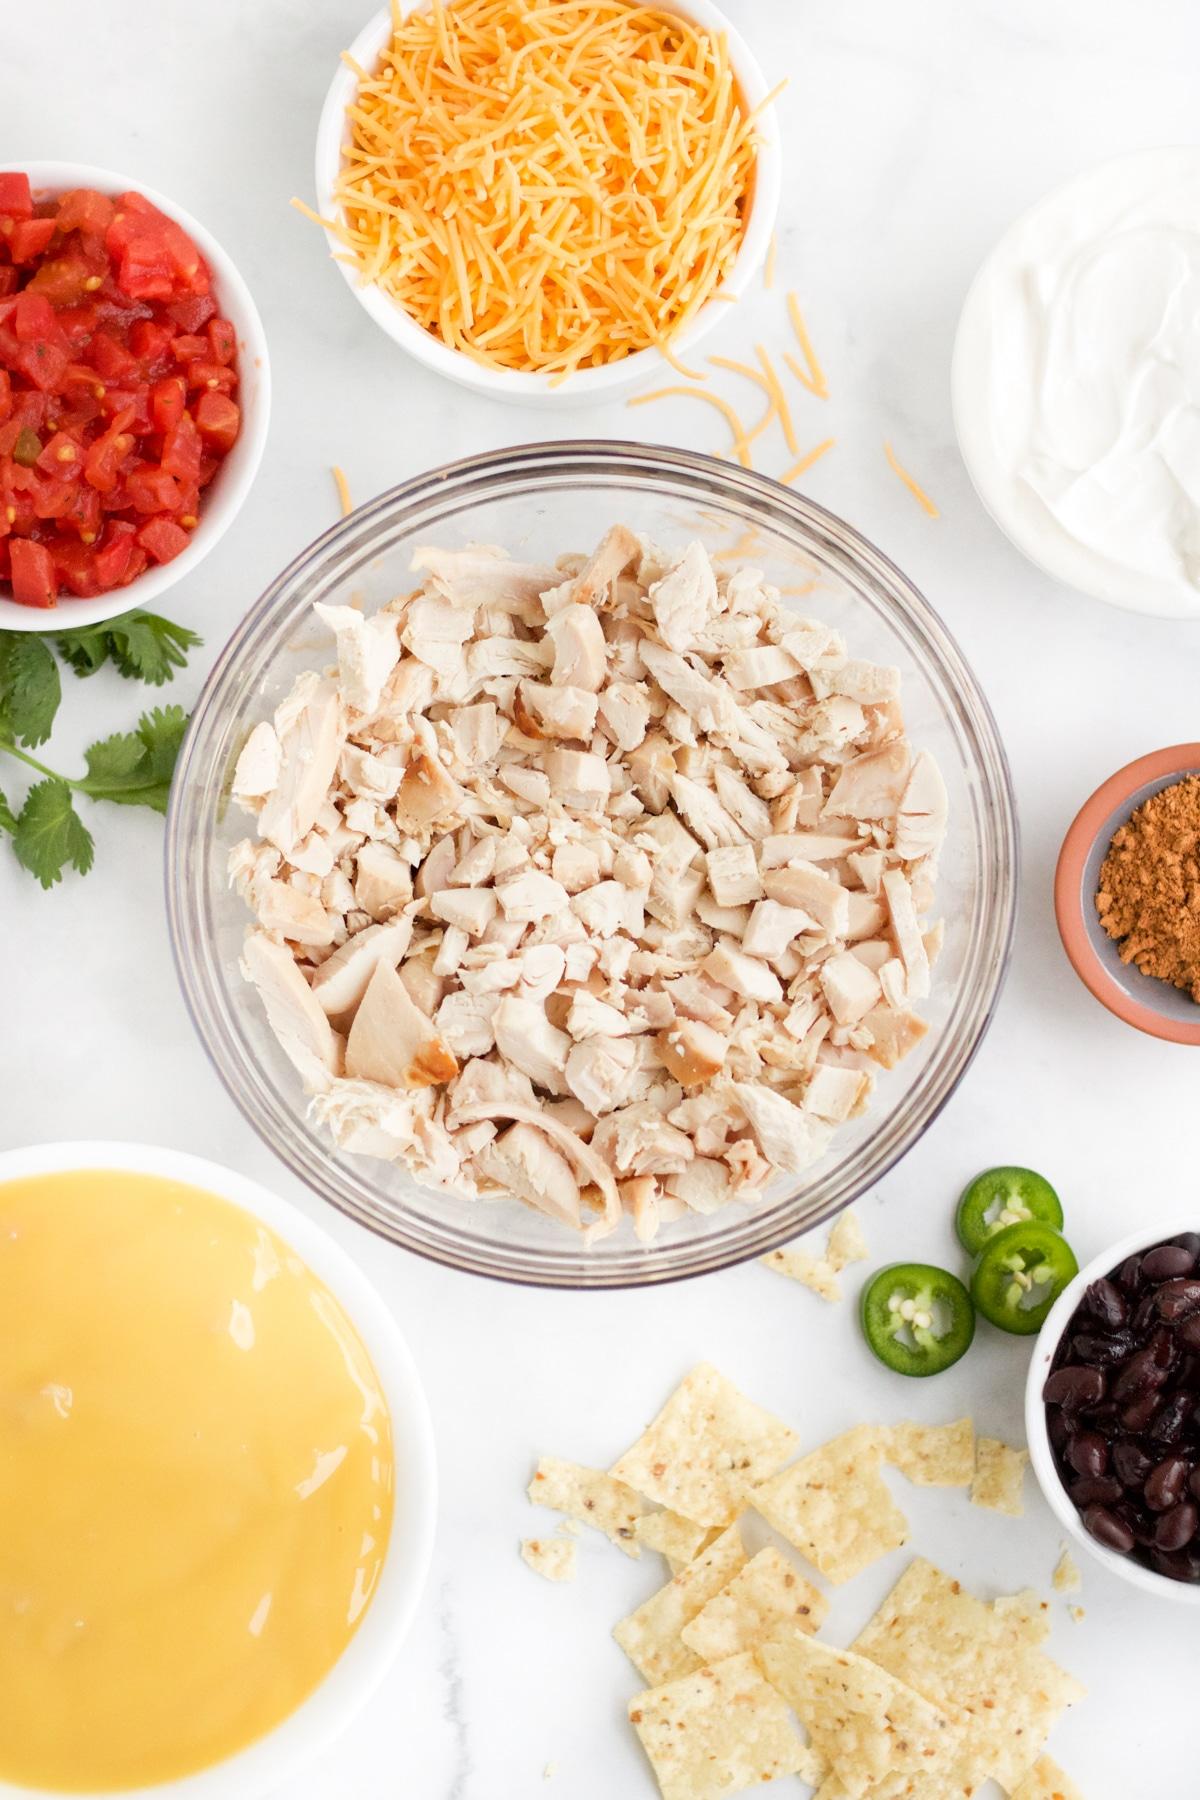 Ingredients to make chicken taco casserole recipe